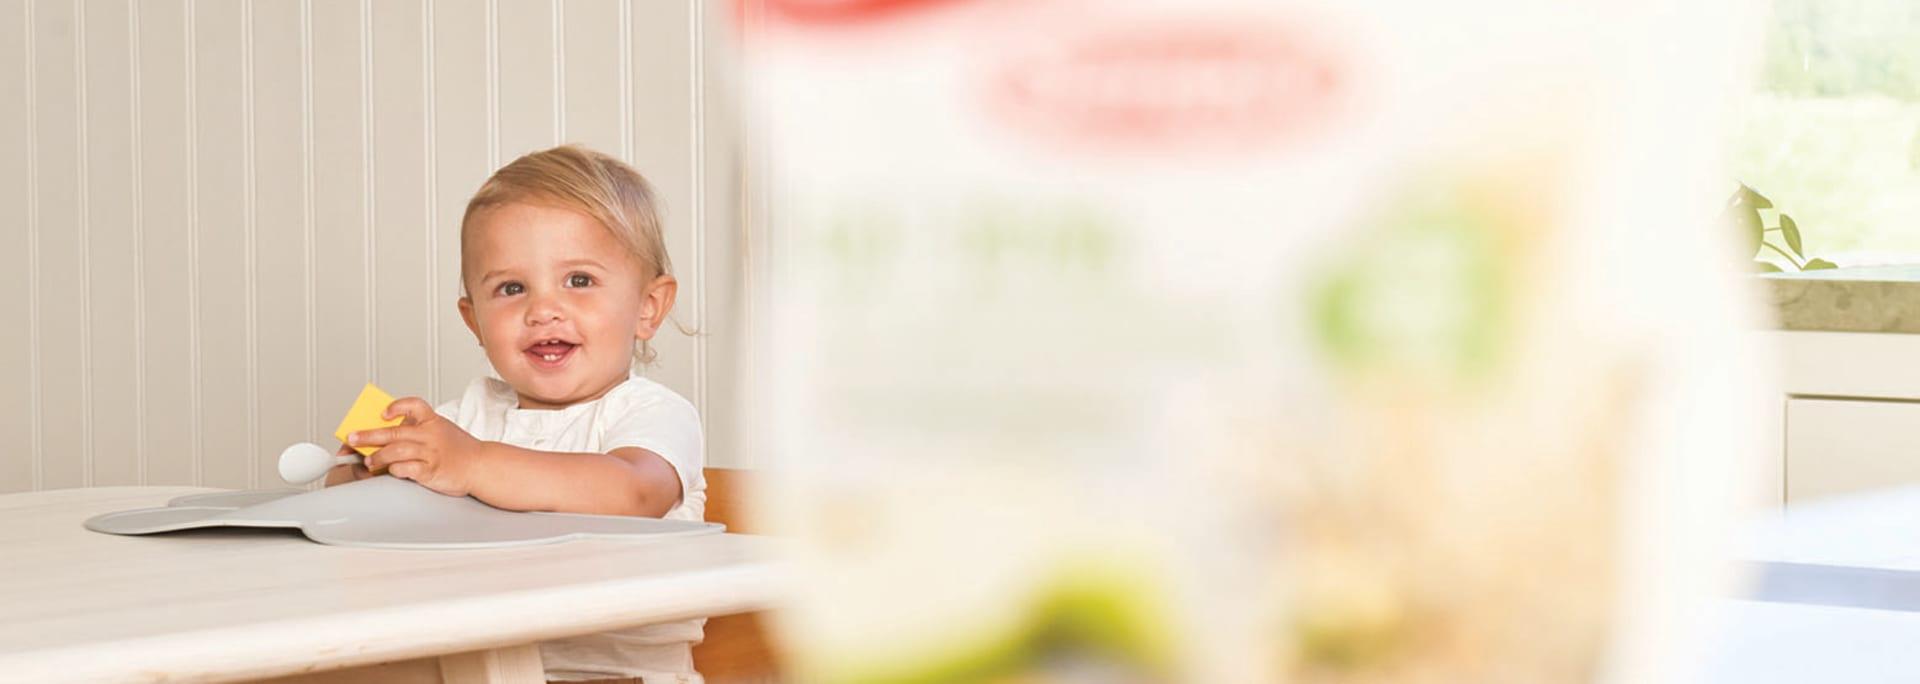 Header Baby - baby in background of porridge